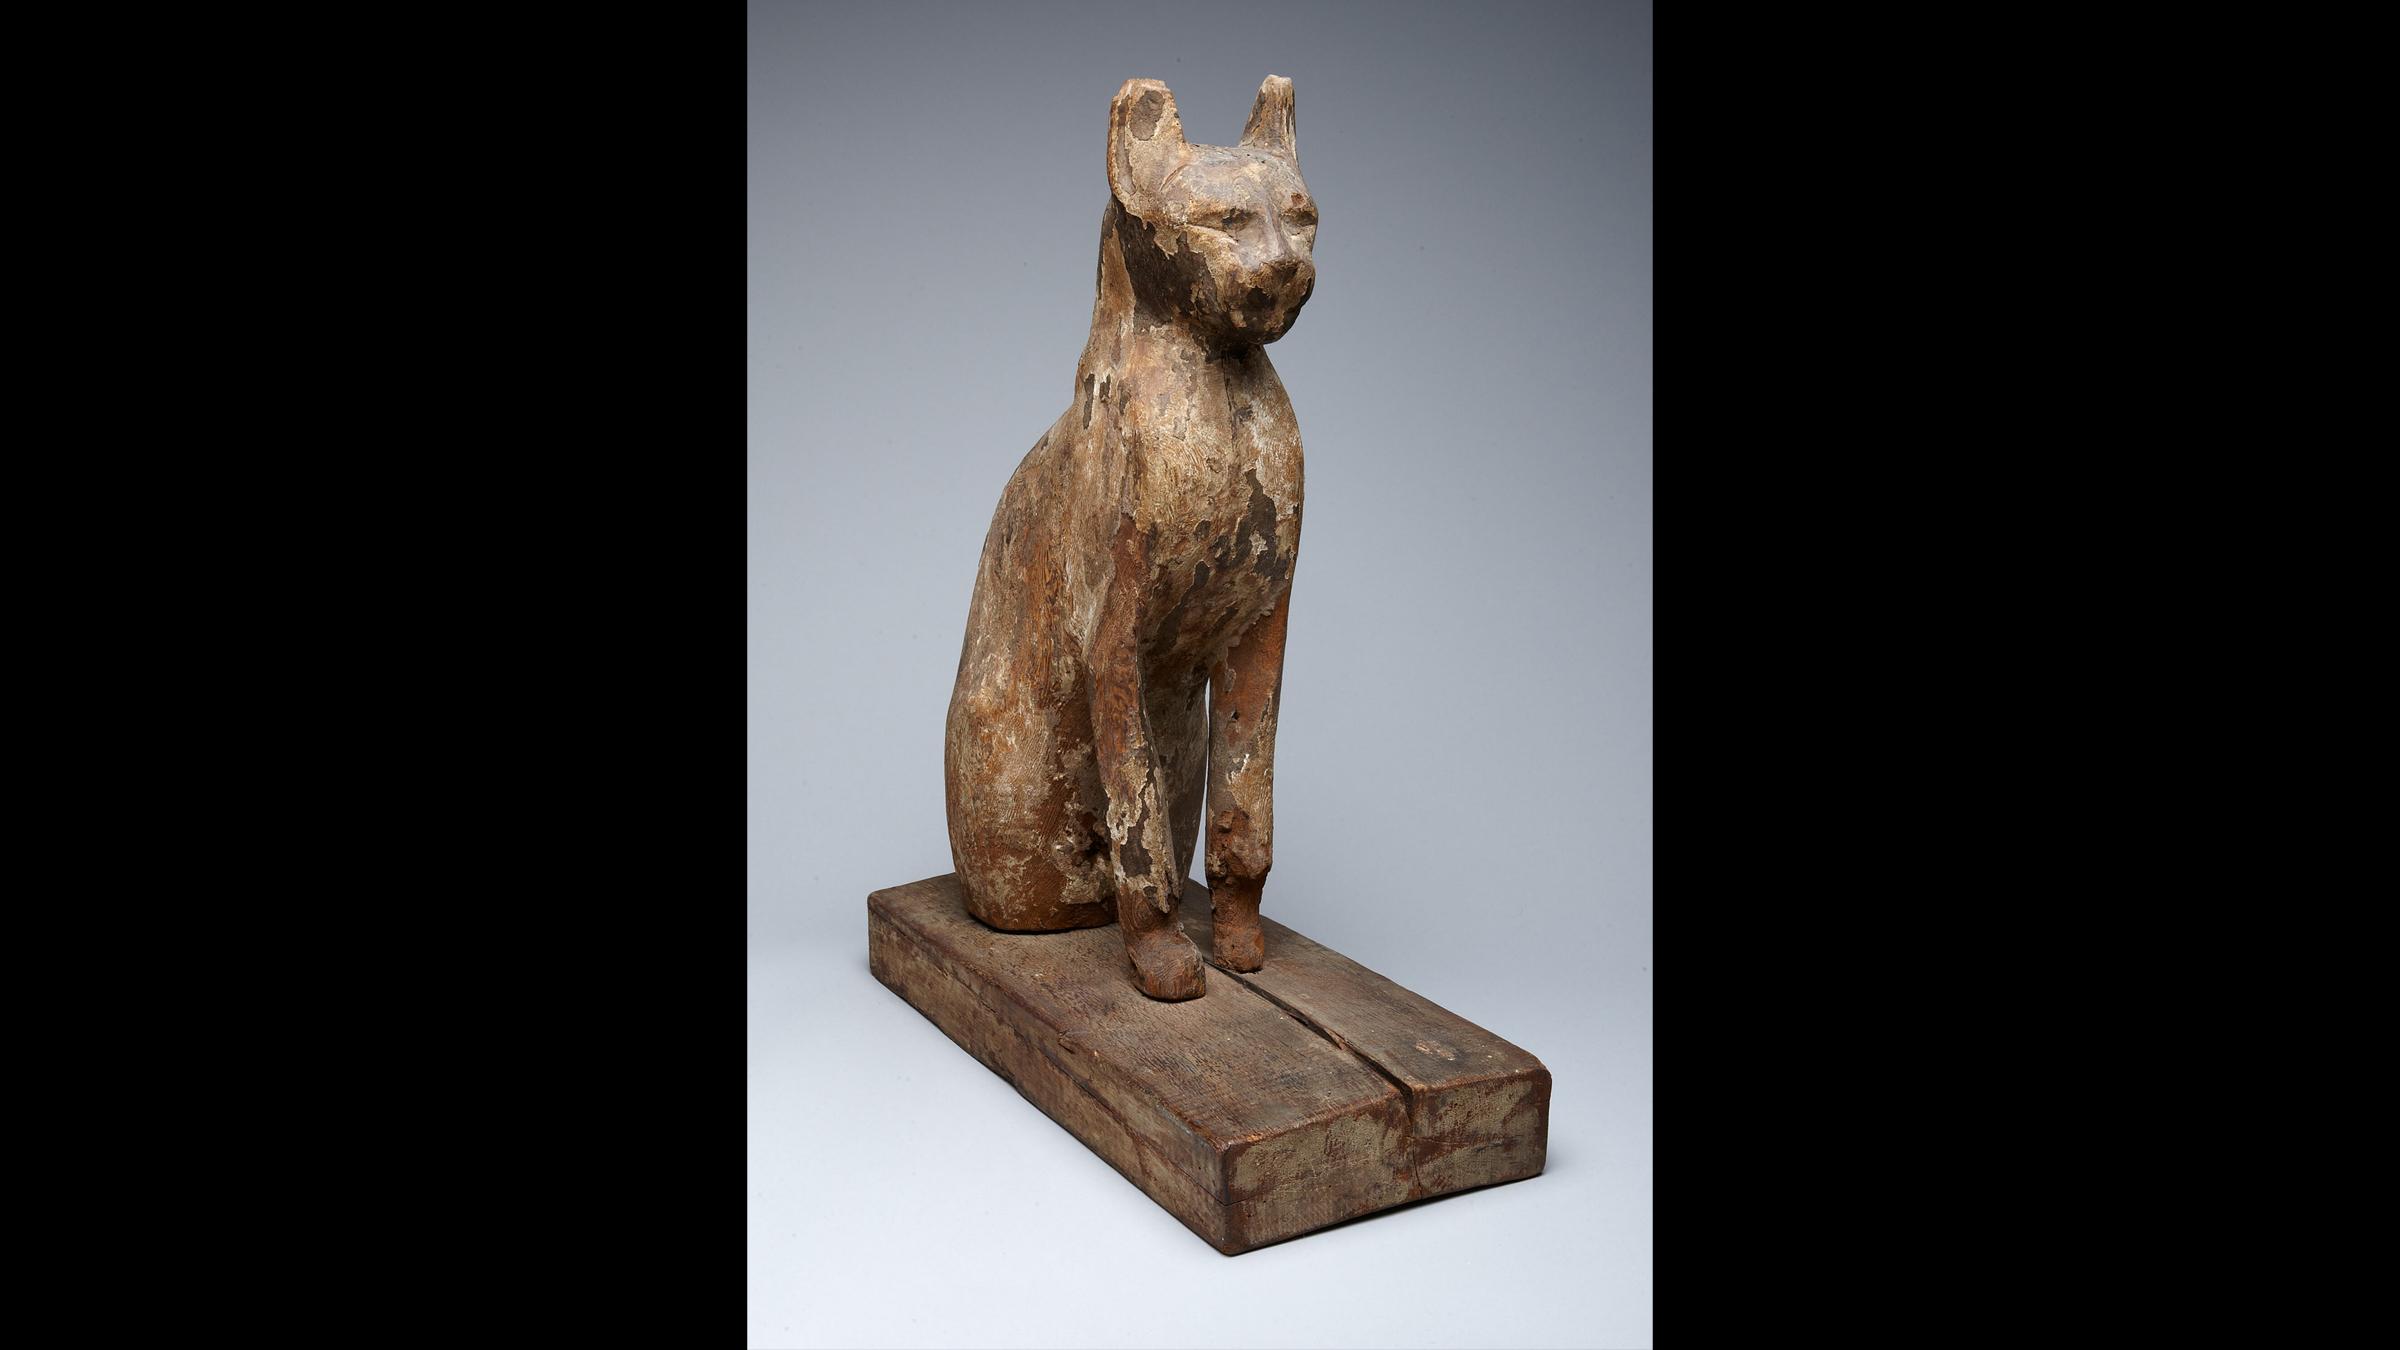 Le sarcophage d'un chat, datant de la fin de la période ptolémaïque de l'Égypte (environ 664–32 av. J.-C.).